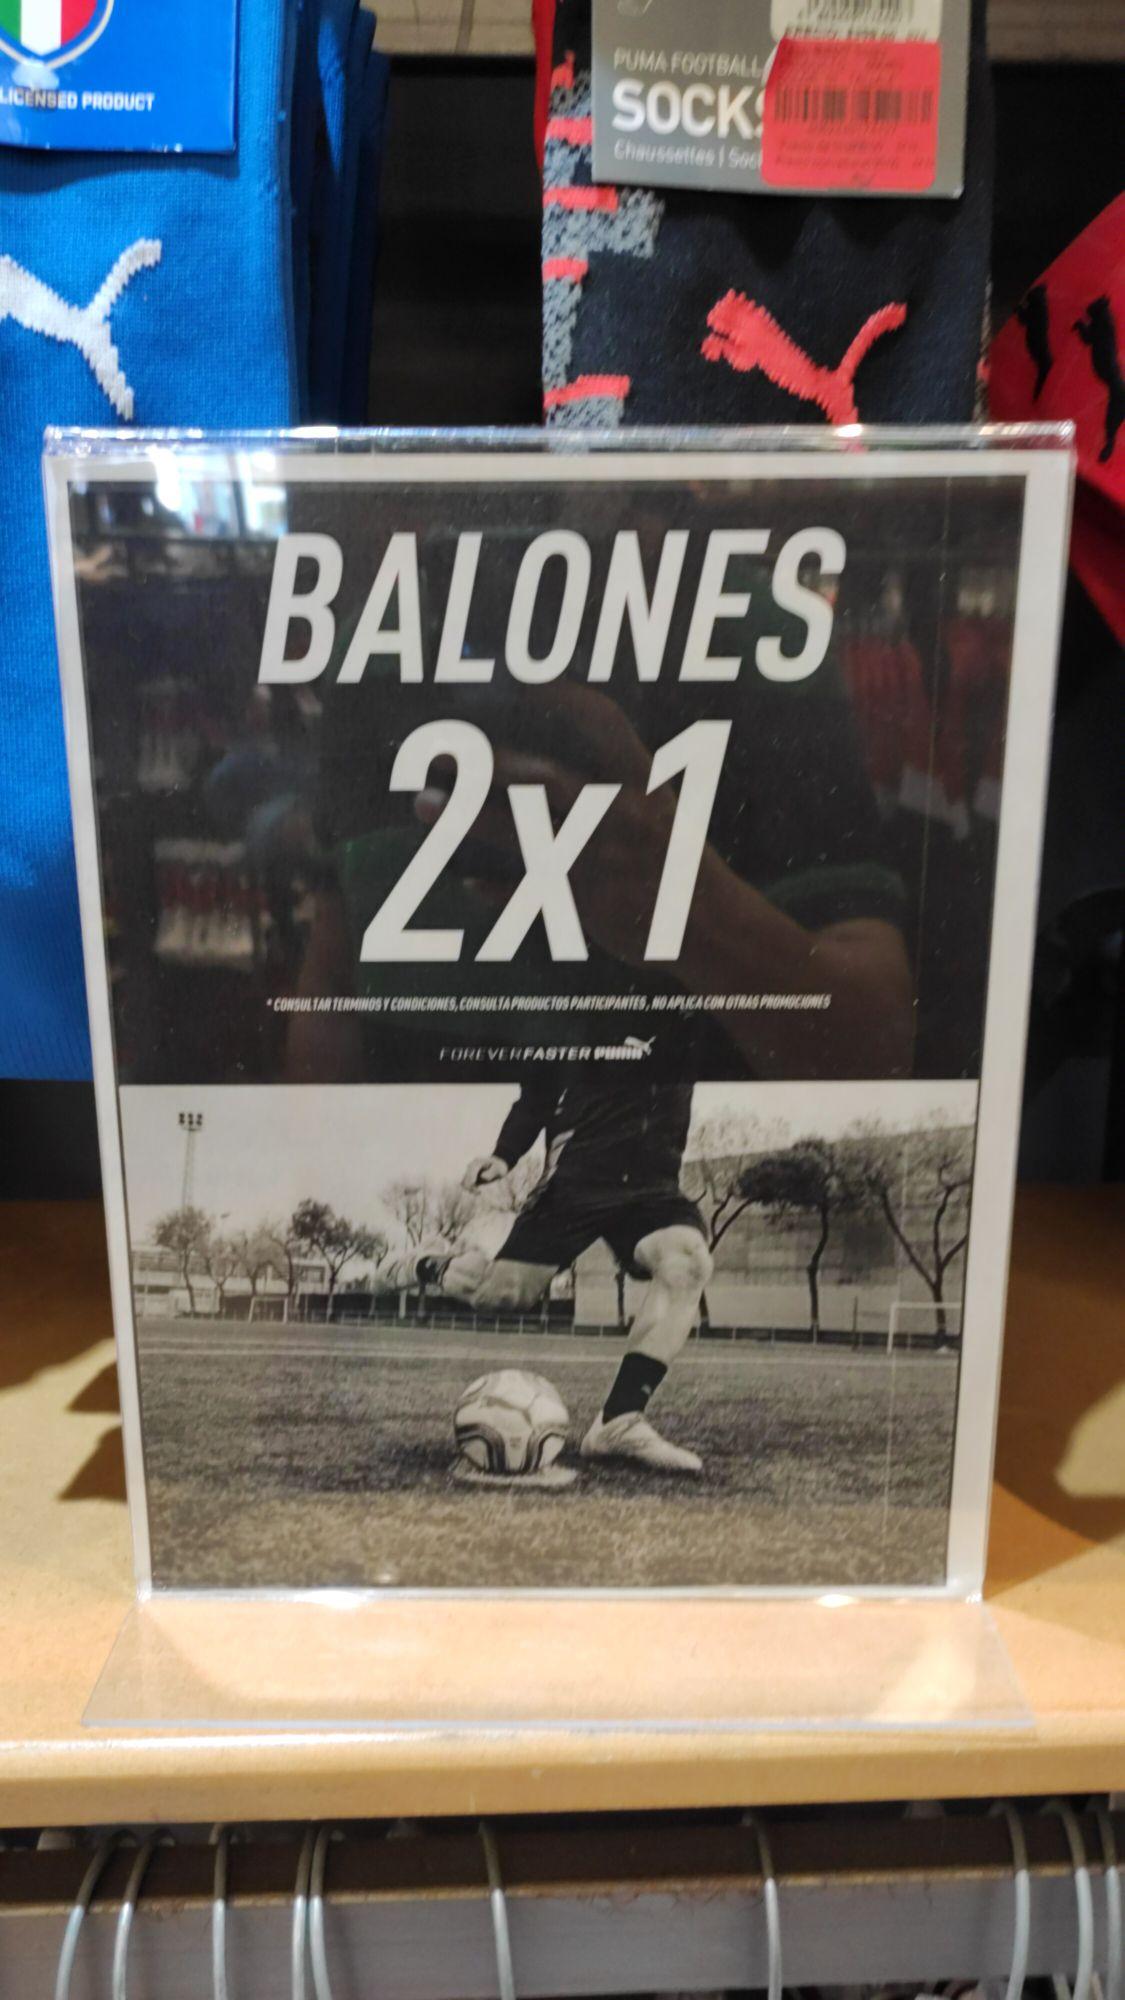 Puma: Balones de Futbol al 2X1 (Tienen número 3)